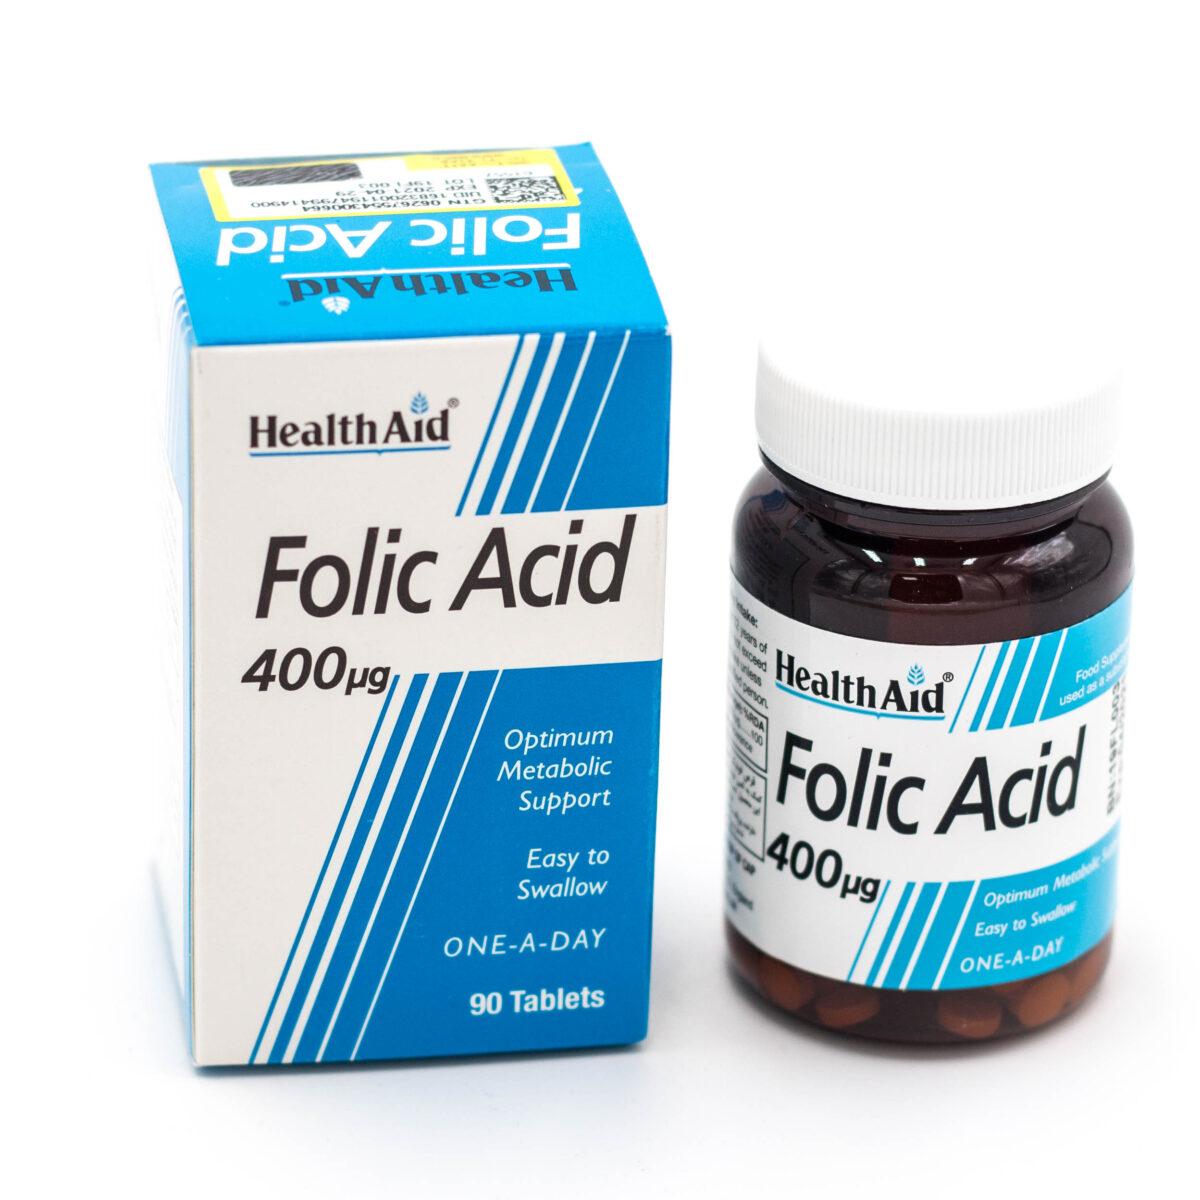 قرص فولیک اسید هلث اید 400 میکروگرم